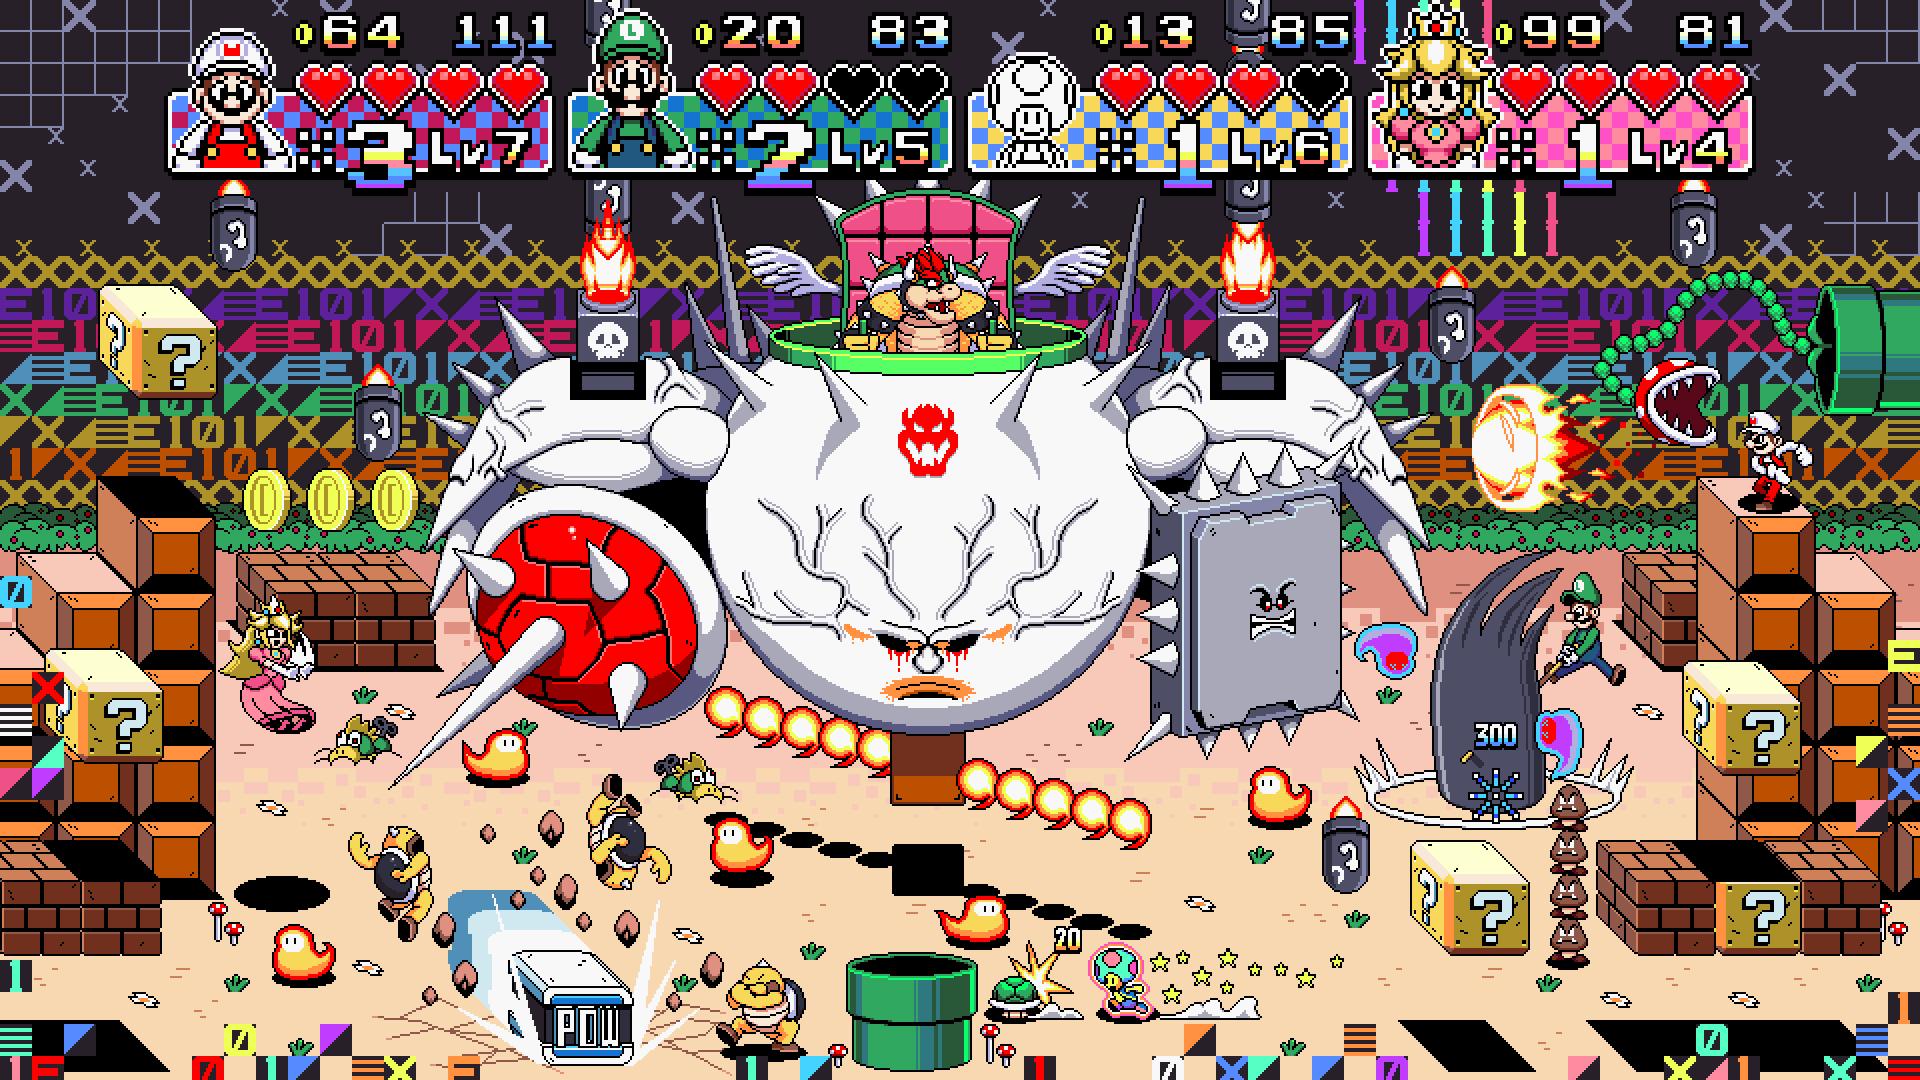 Super Mario vs. the World the Game